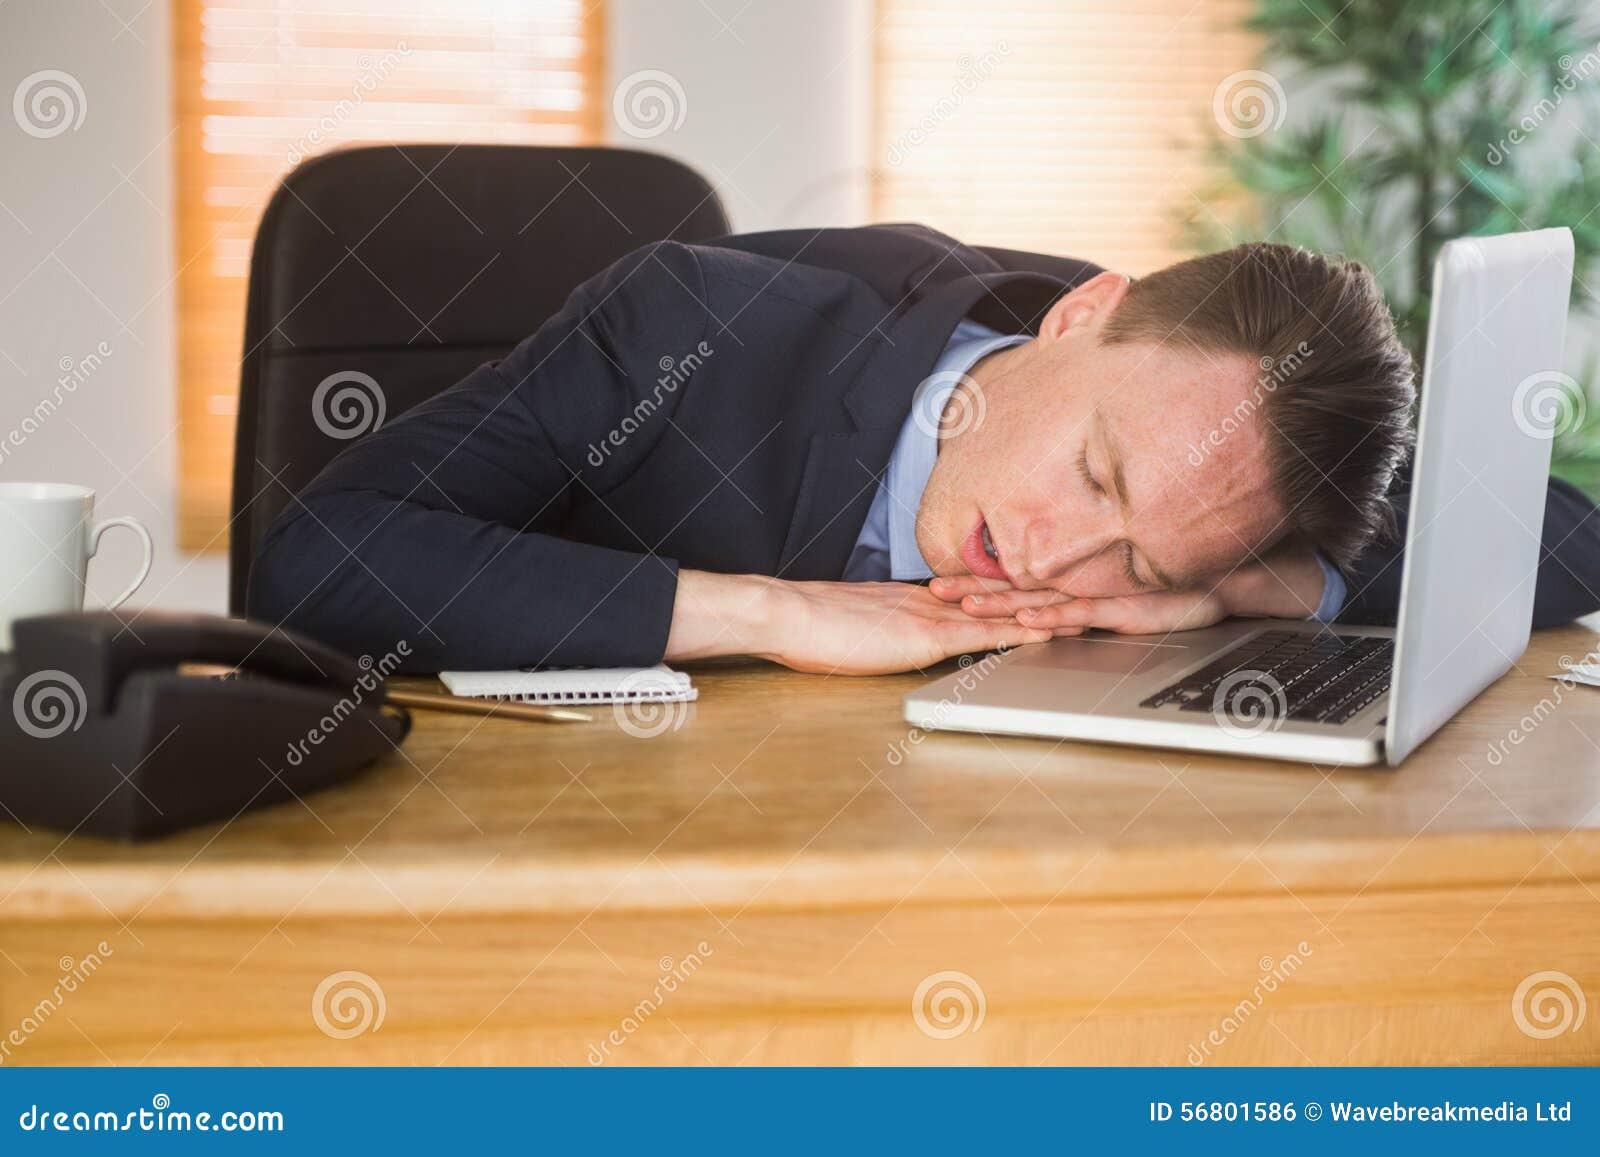 Homme D 39 Affaires Puis Dormant Sur Son Ordinateur